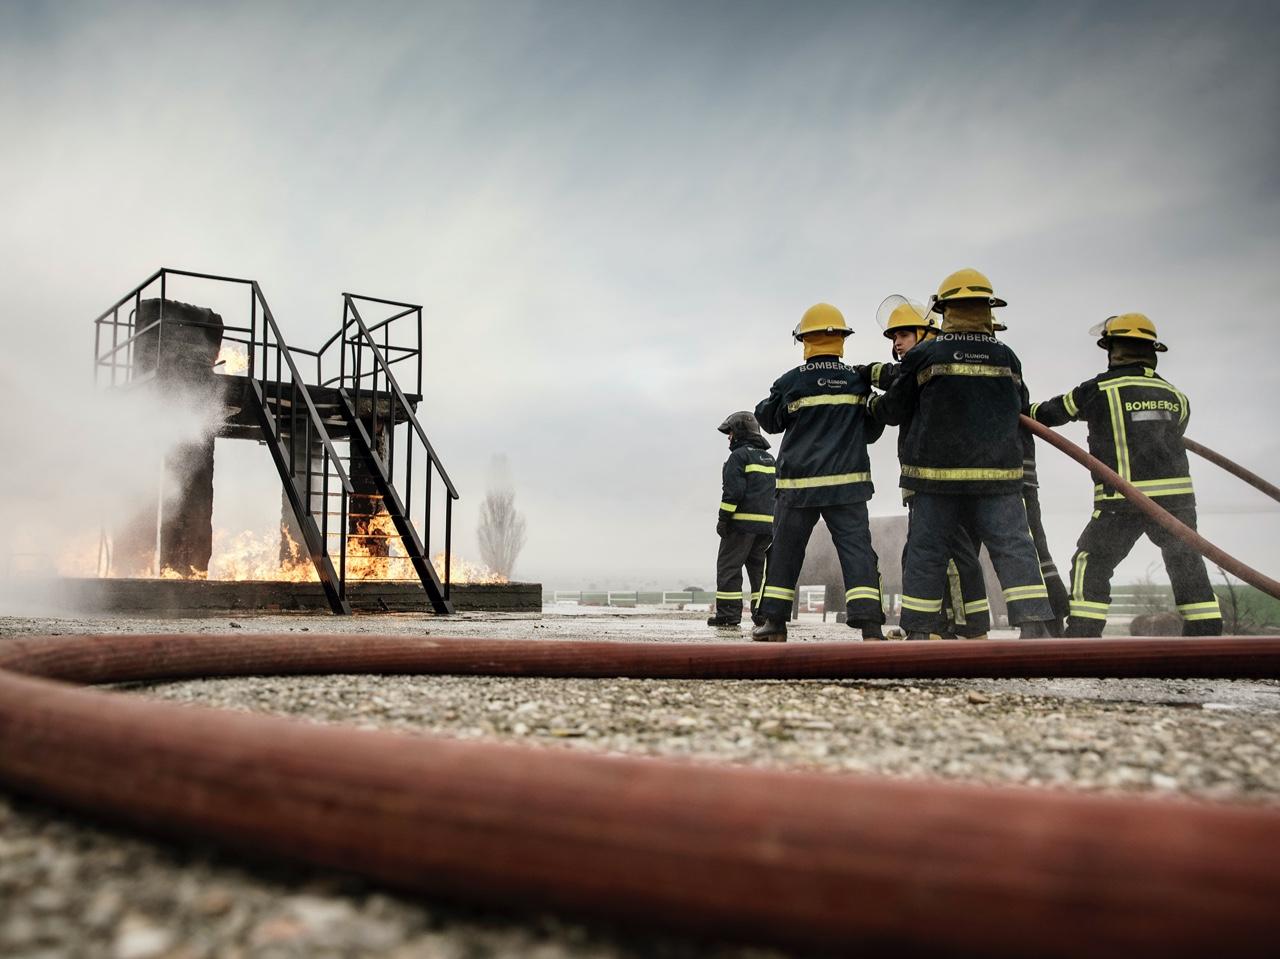 Prácticas, sofocando incendio | El instituto